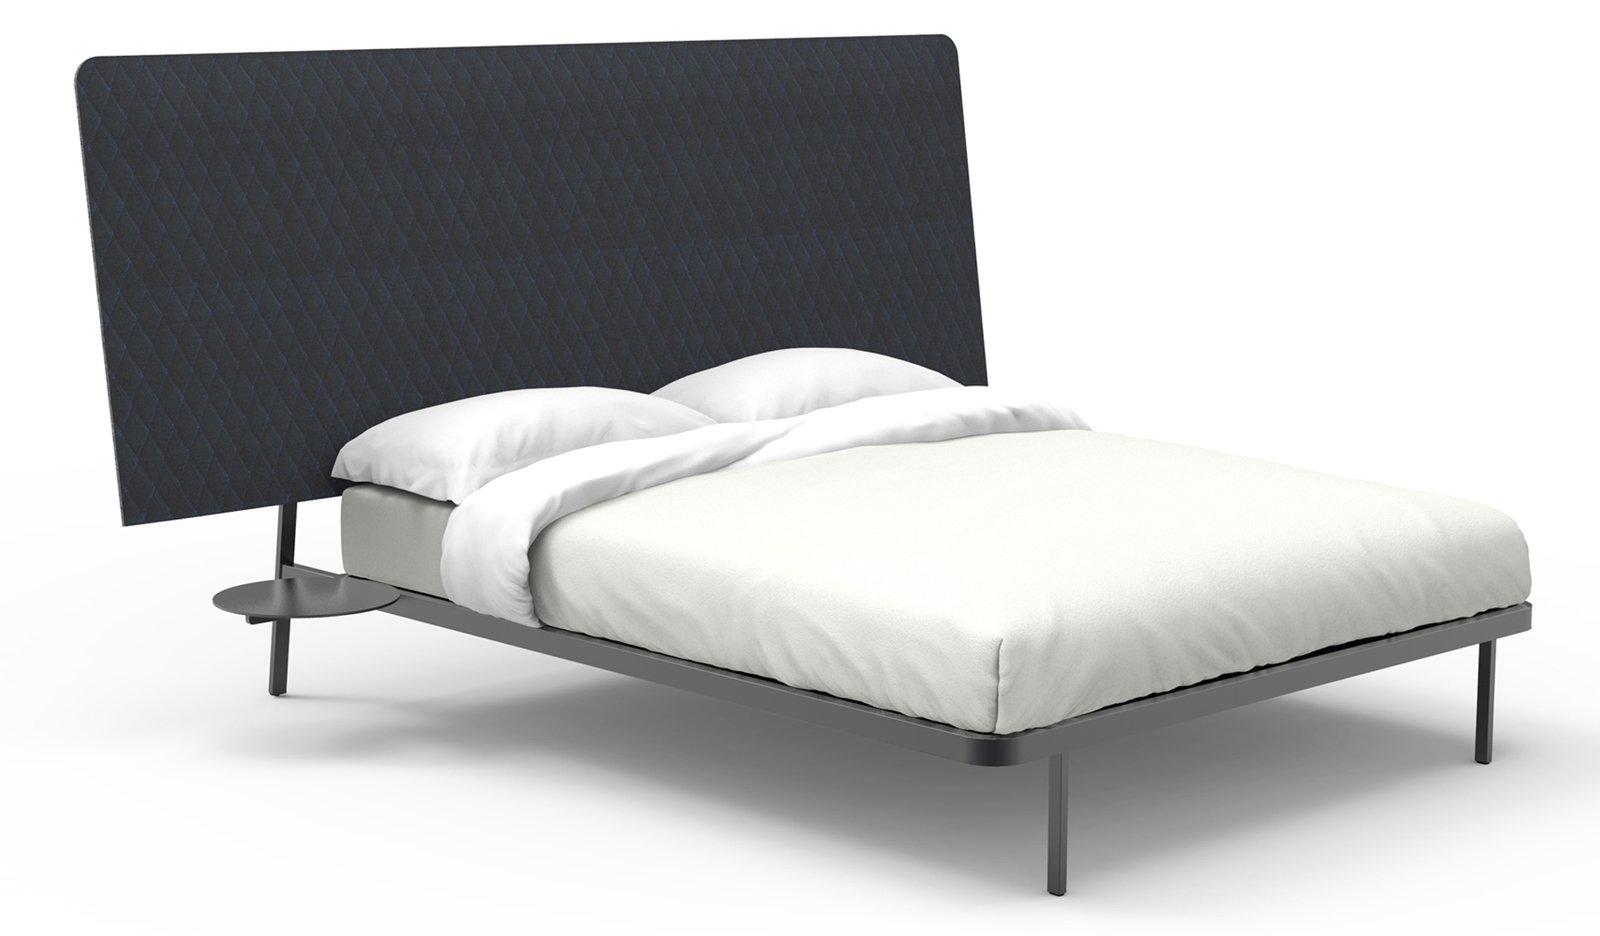 Letti il design si fa pi morbido cose di casa - Letto futon ikea prezzo ...